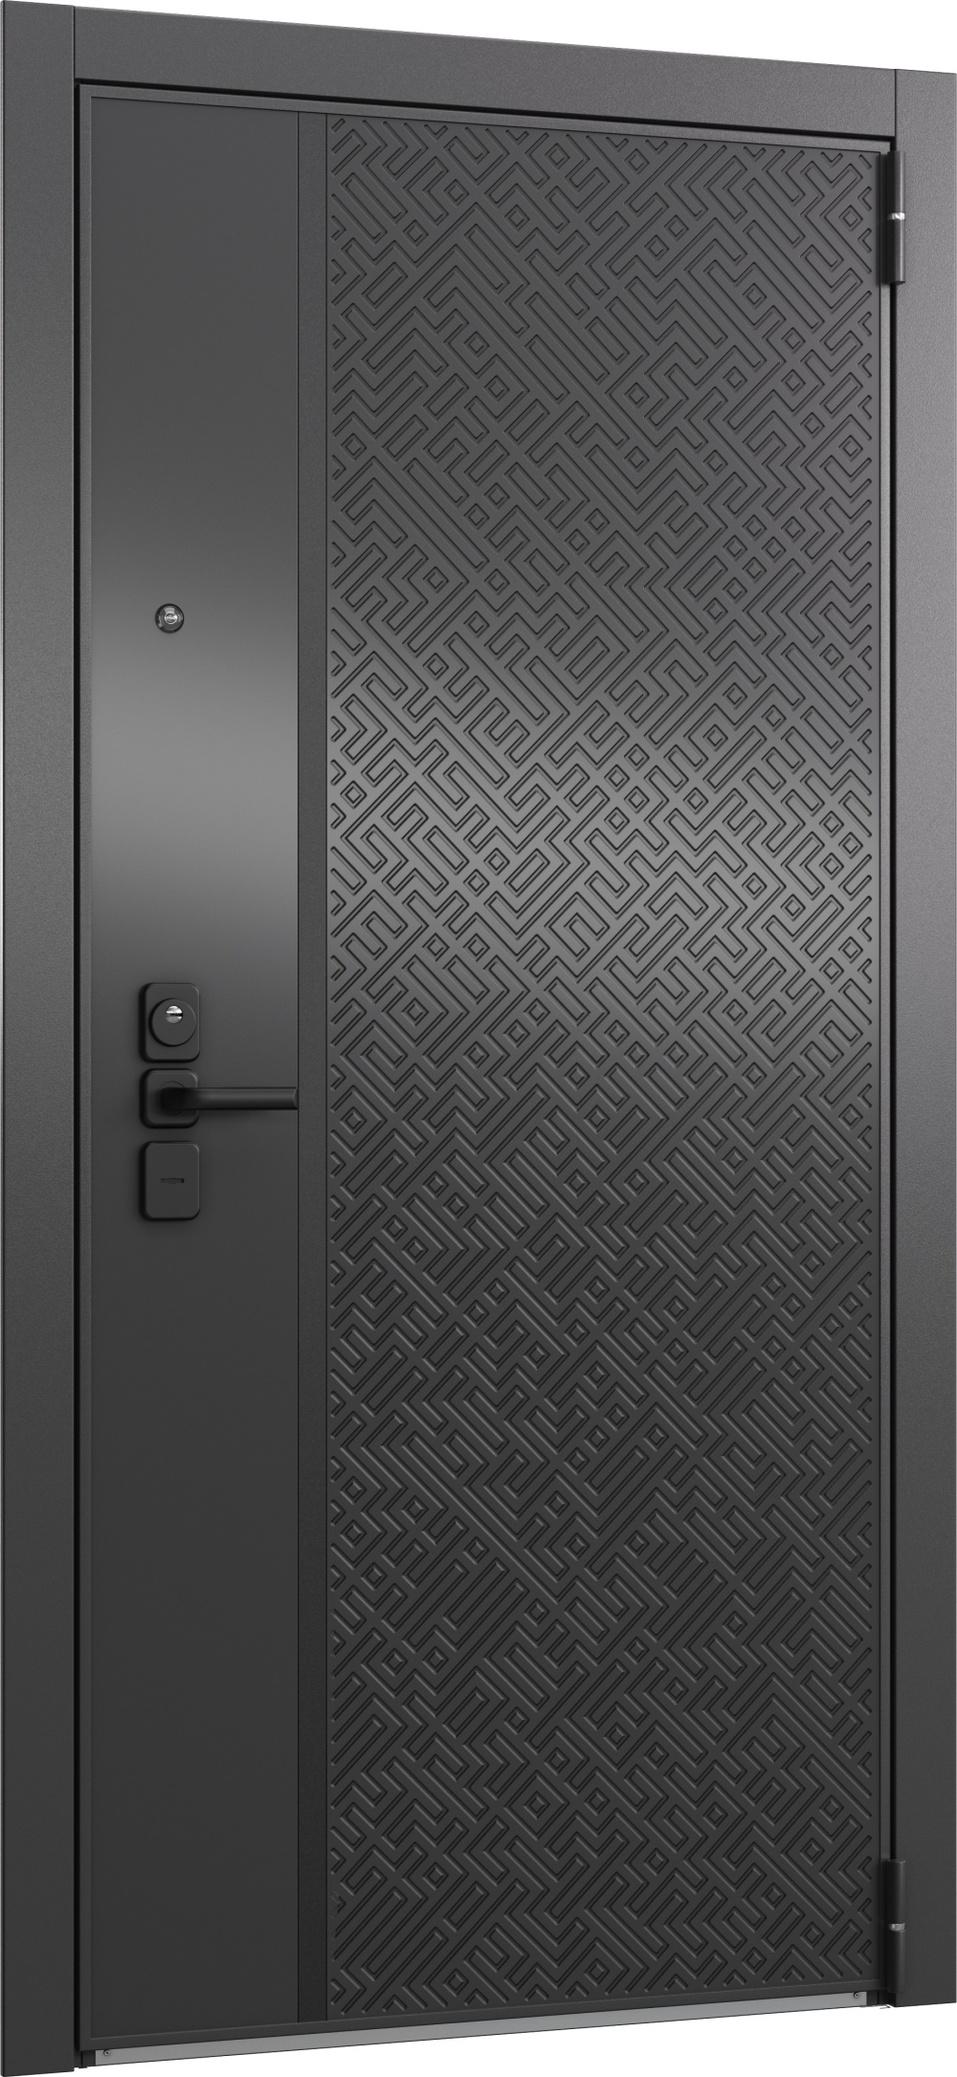 Двери Ultimatum NEXT Dynamic: современная роскошь для вашего удовольствия 2